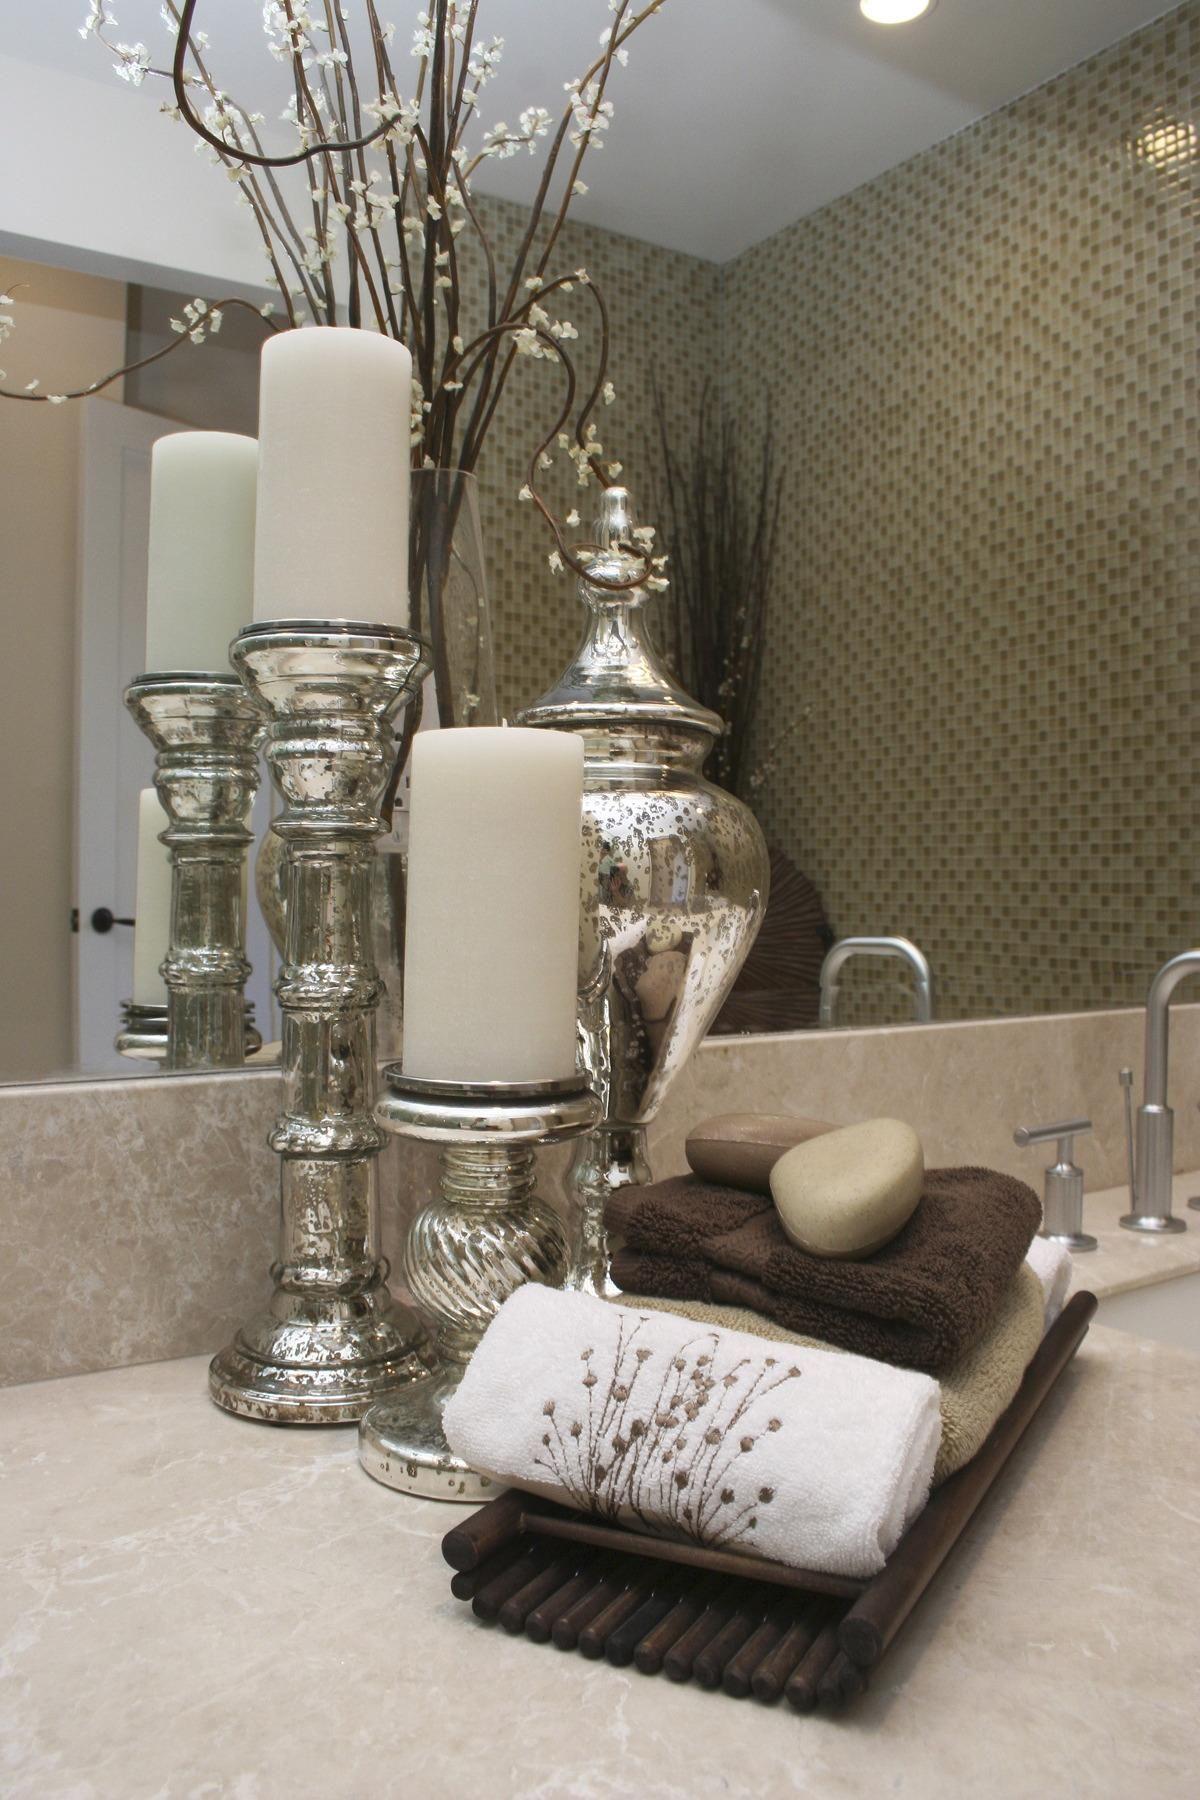 Vanity decor | Unique bathroom decor, Restroom decor ...